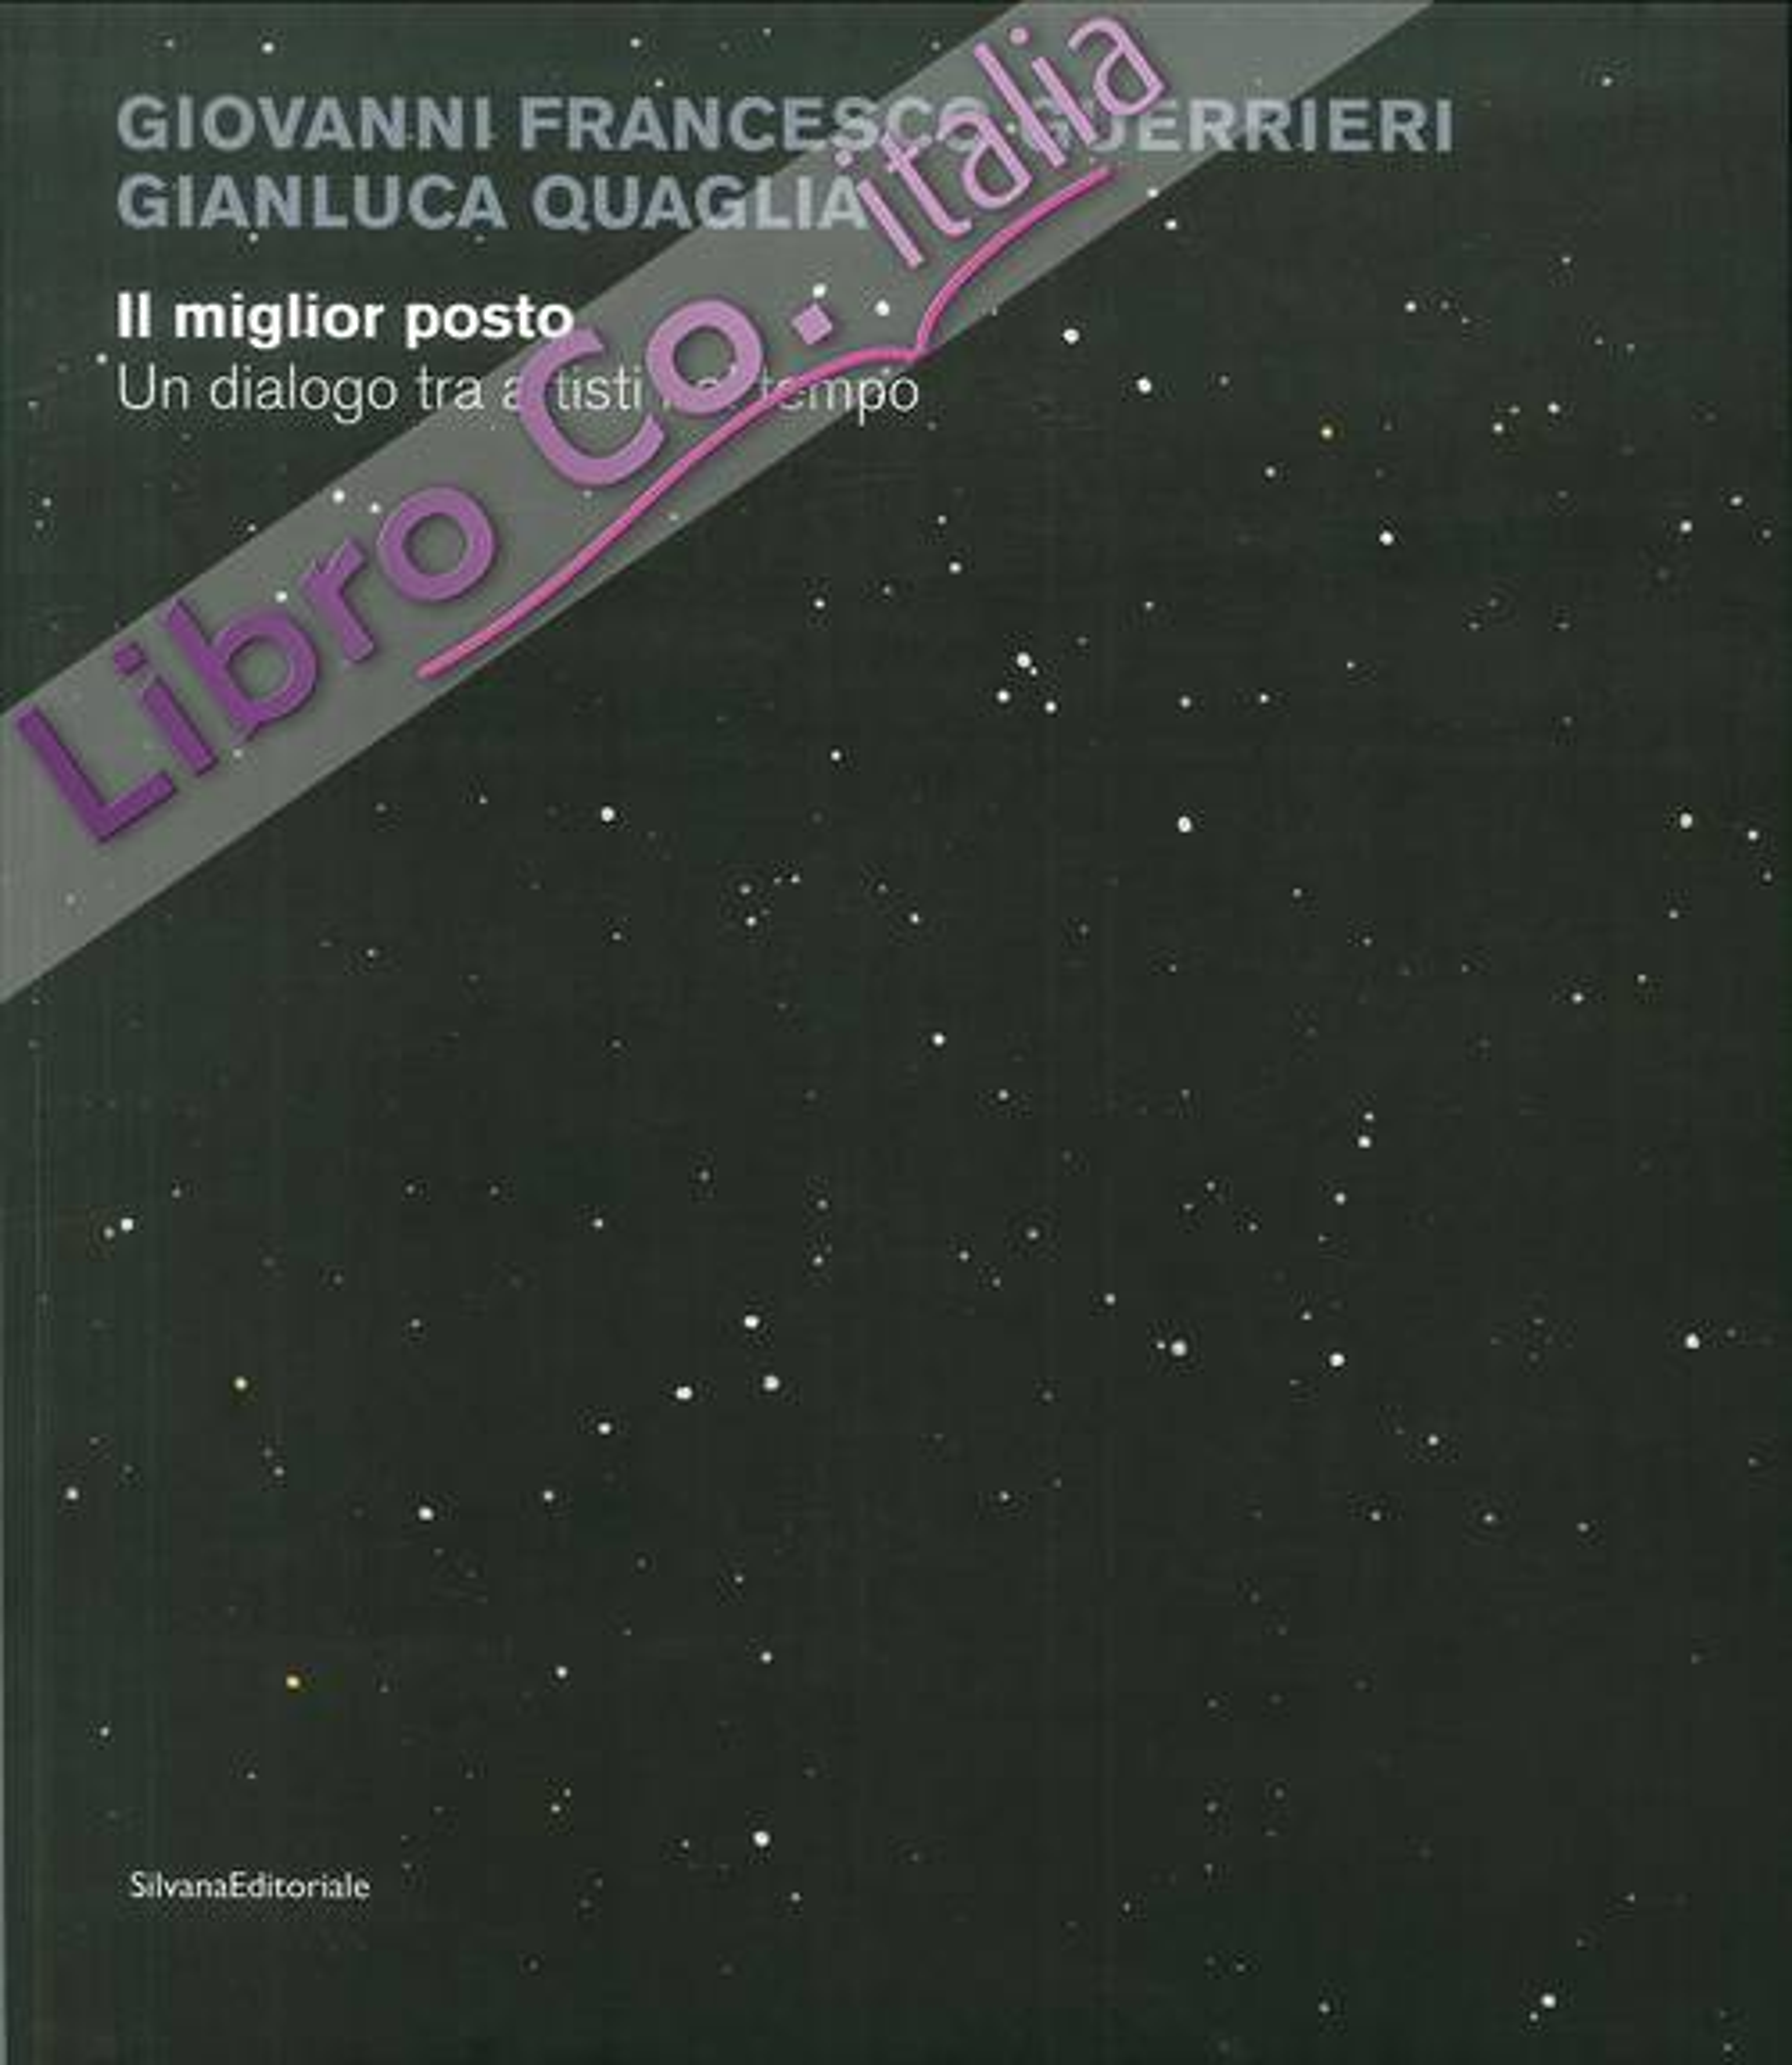 Giovanni Francesco Guerrieri, Gianluca Quaglia. Il miglior posto. Un dialogo tra artisti nel tempo